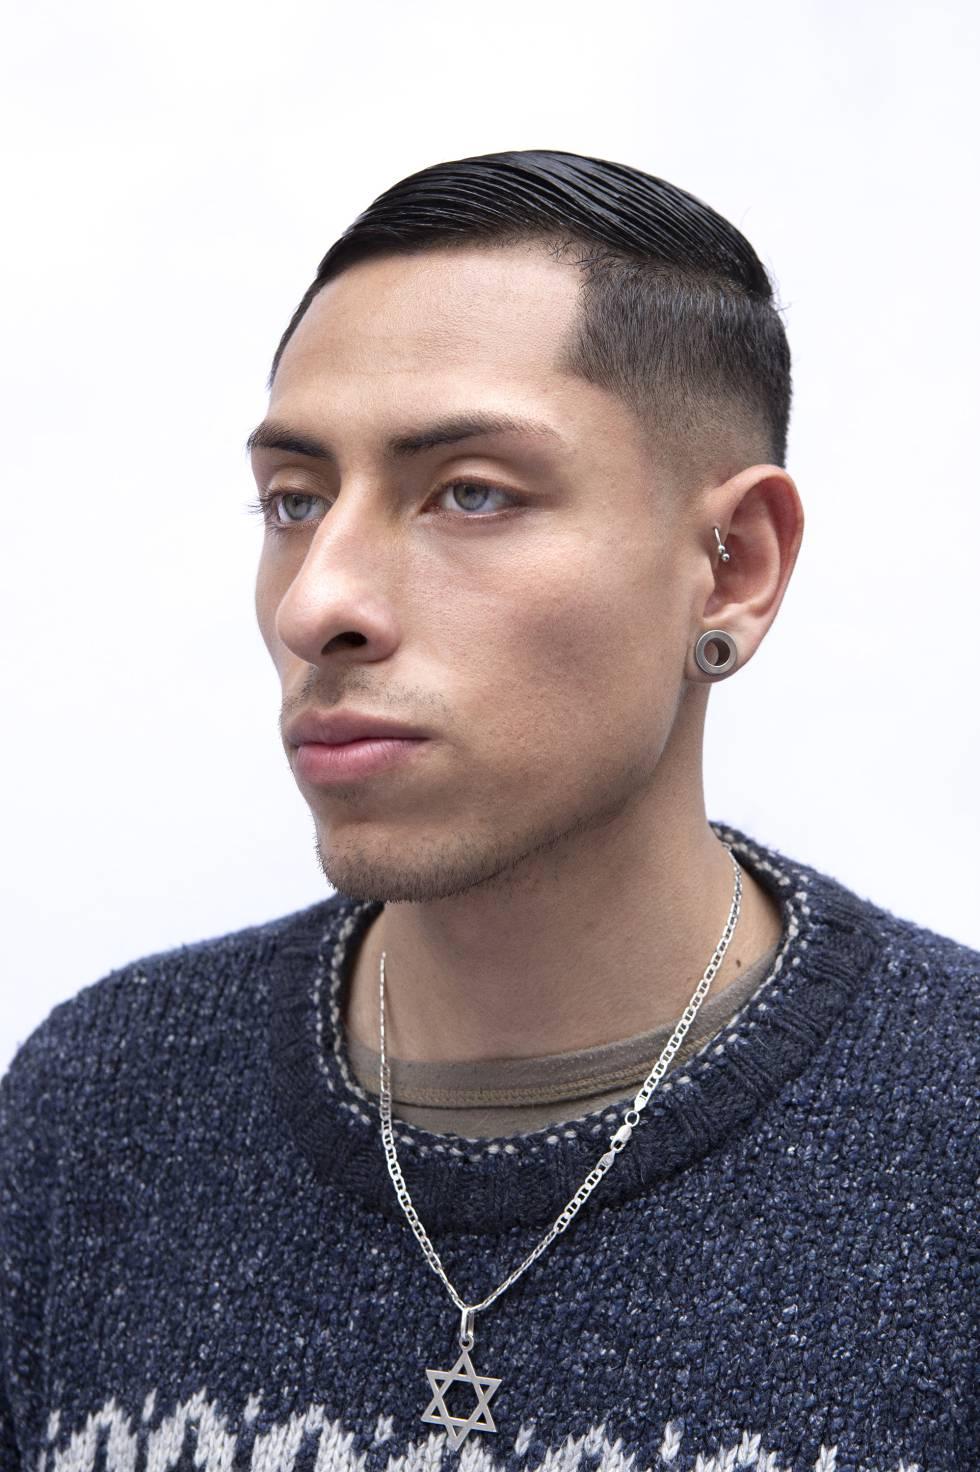 Retrato de uno de los clientes de la peluquería New York de Madrid.